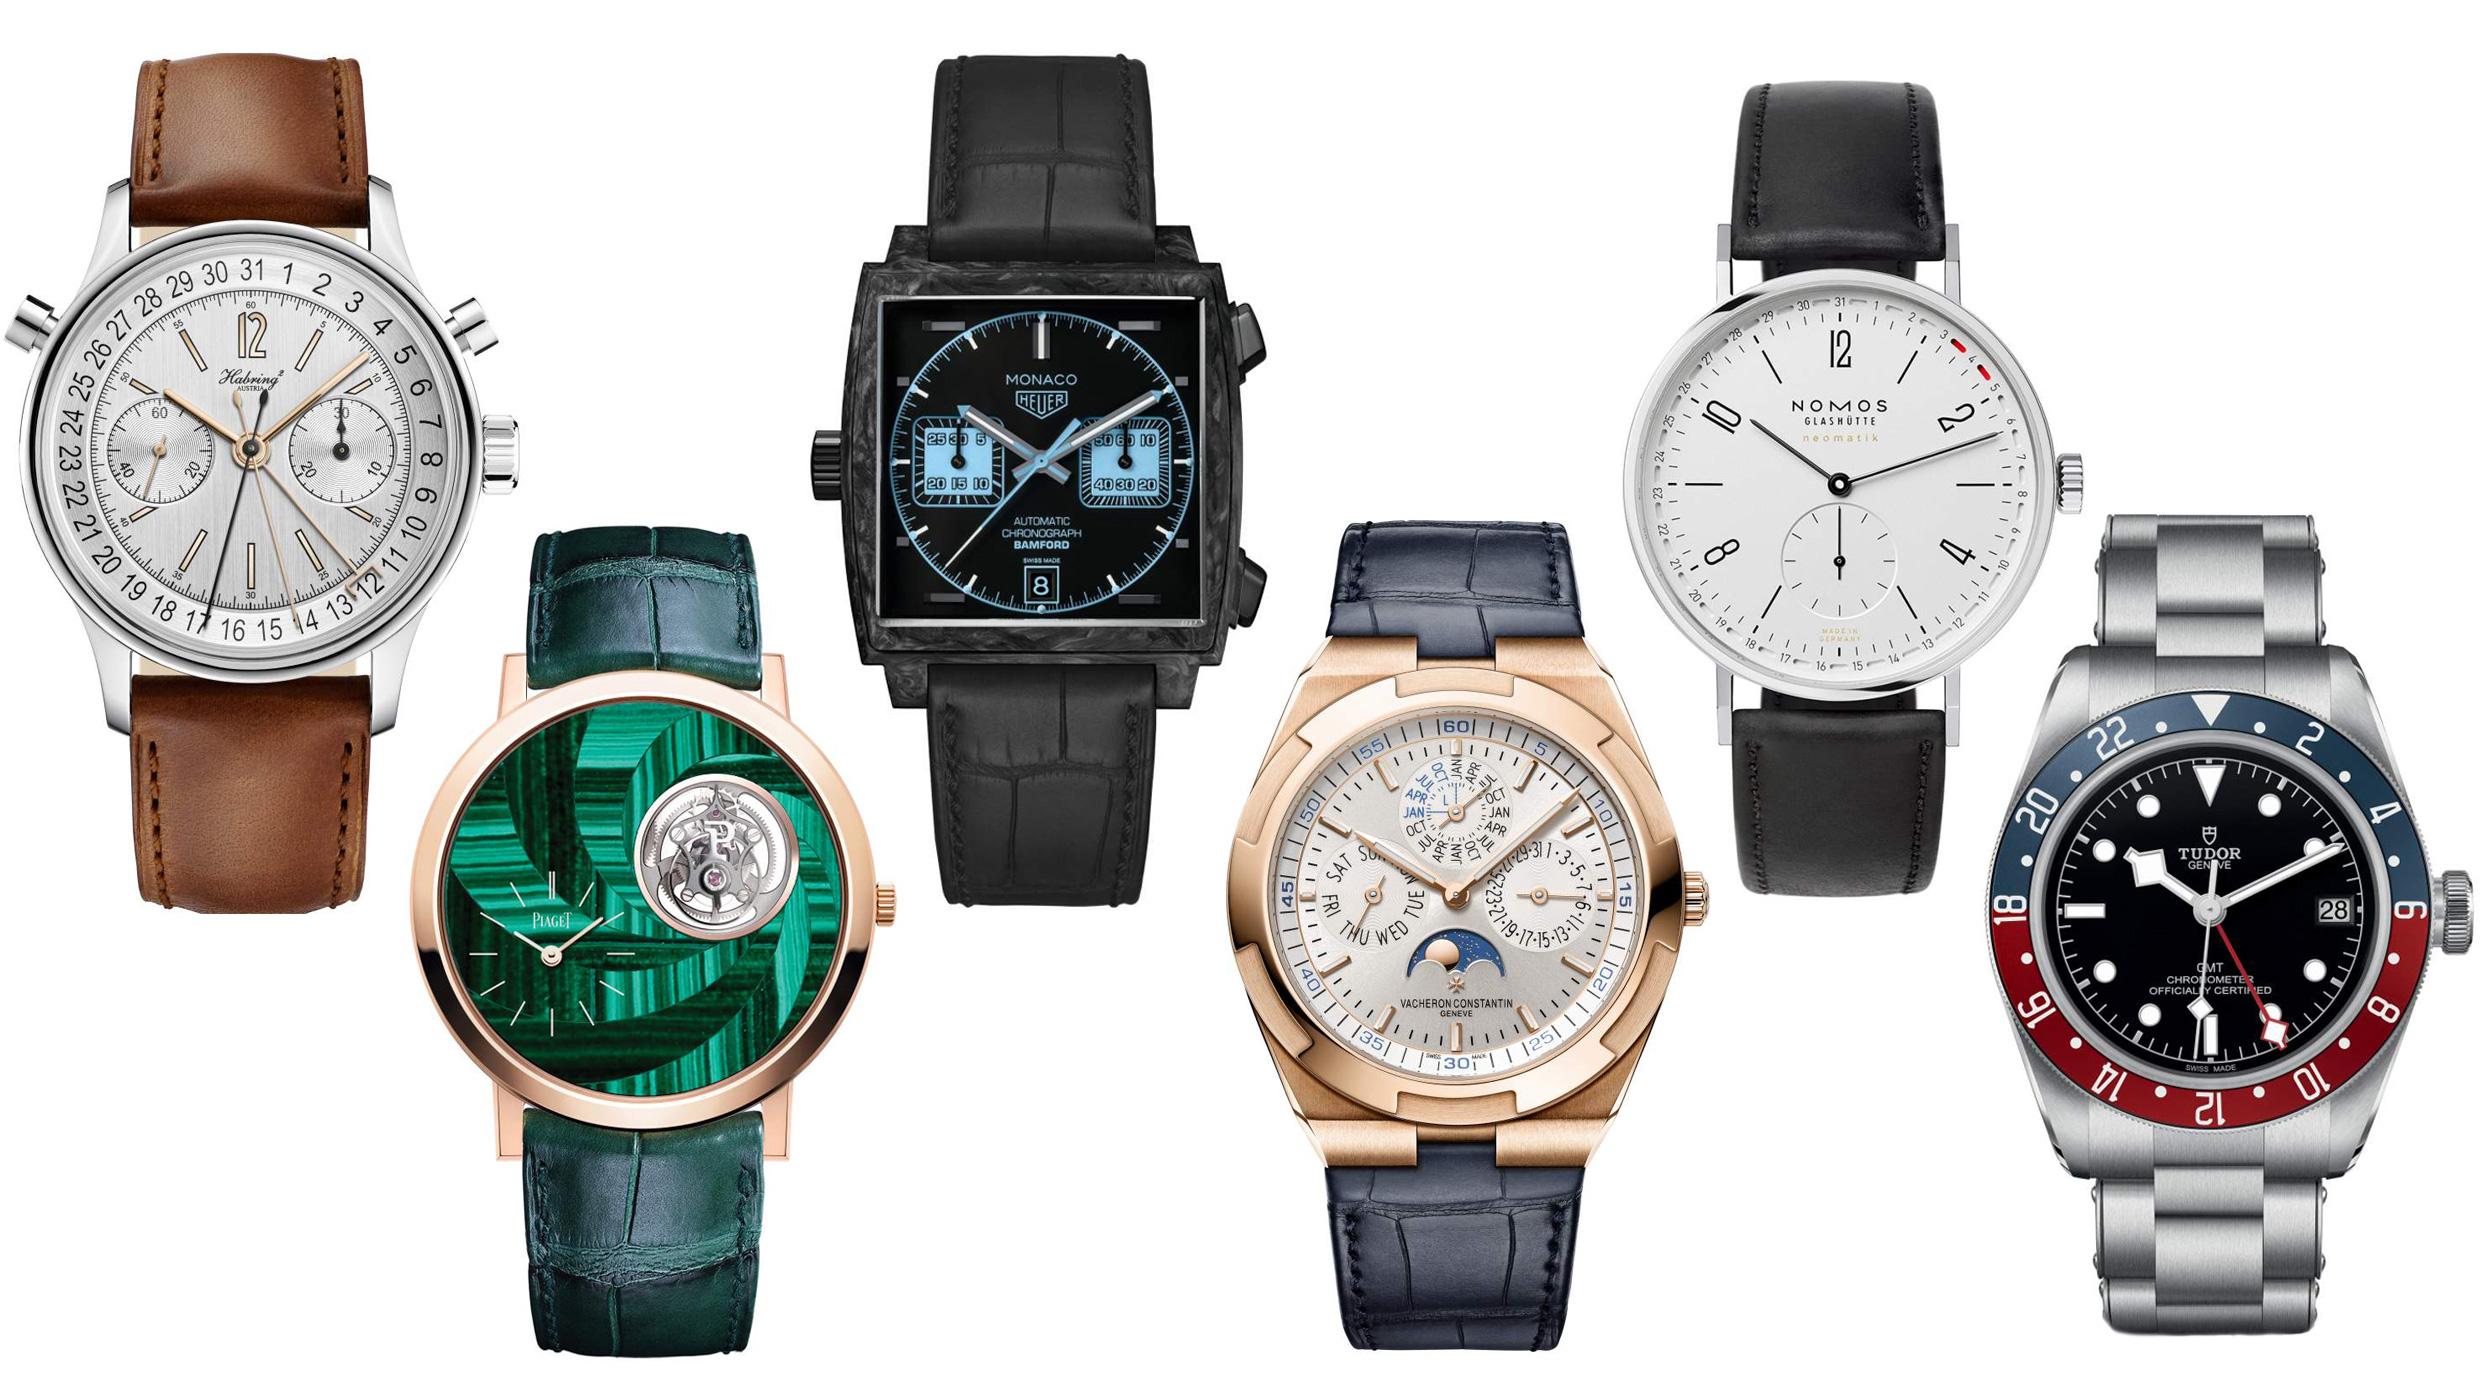 ジュネーブウォッチグランプリ2018のファイナリストの時計が発表されました!